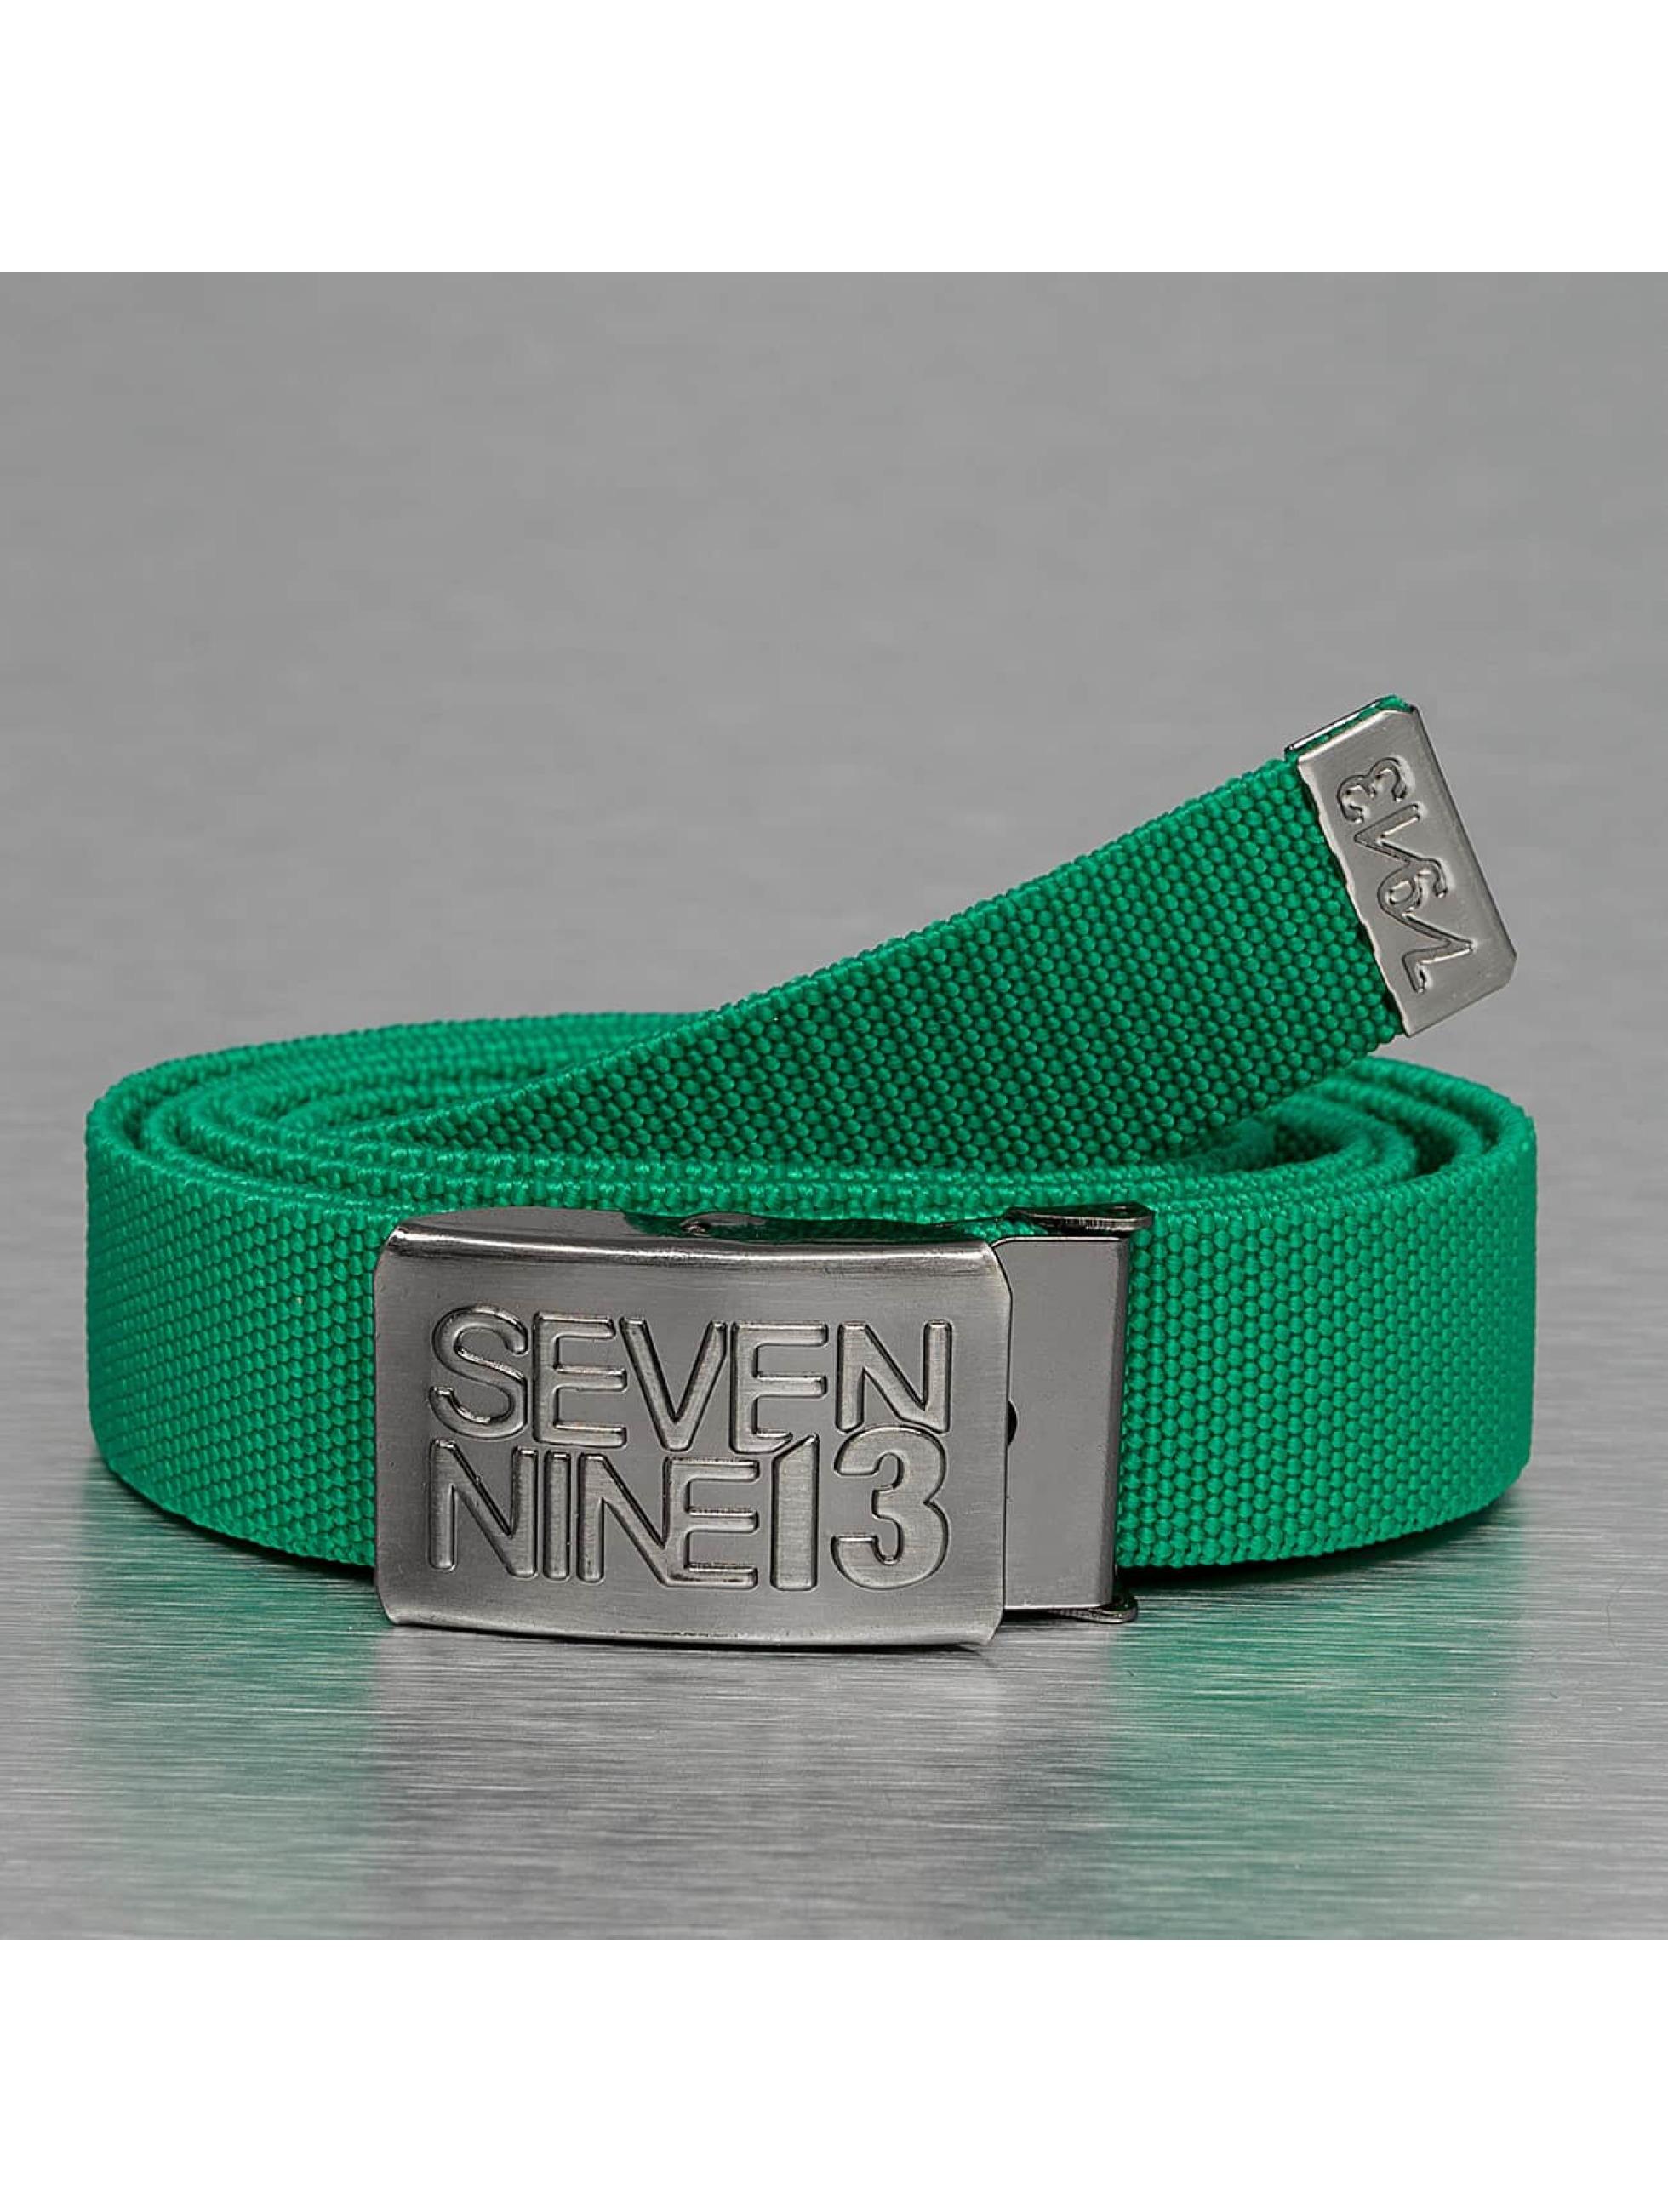 Seven Nine 13 Ремень Jaws Stretch зеленый